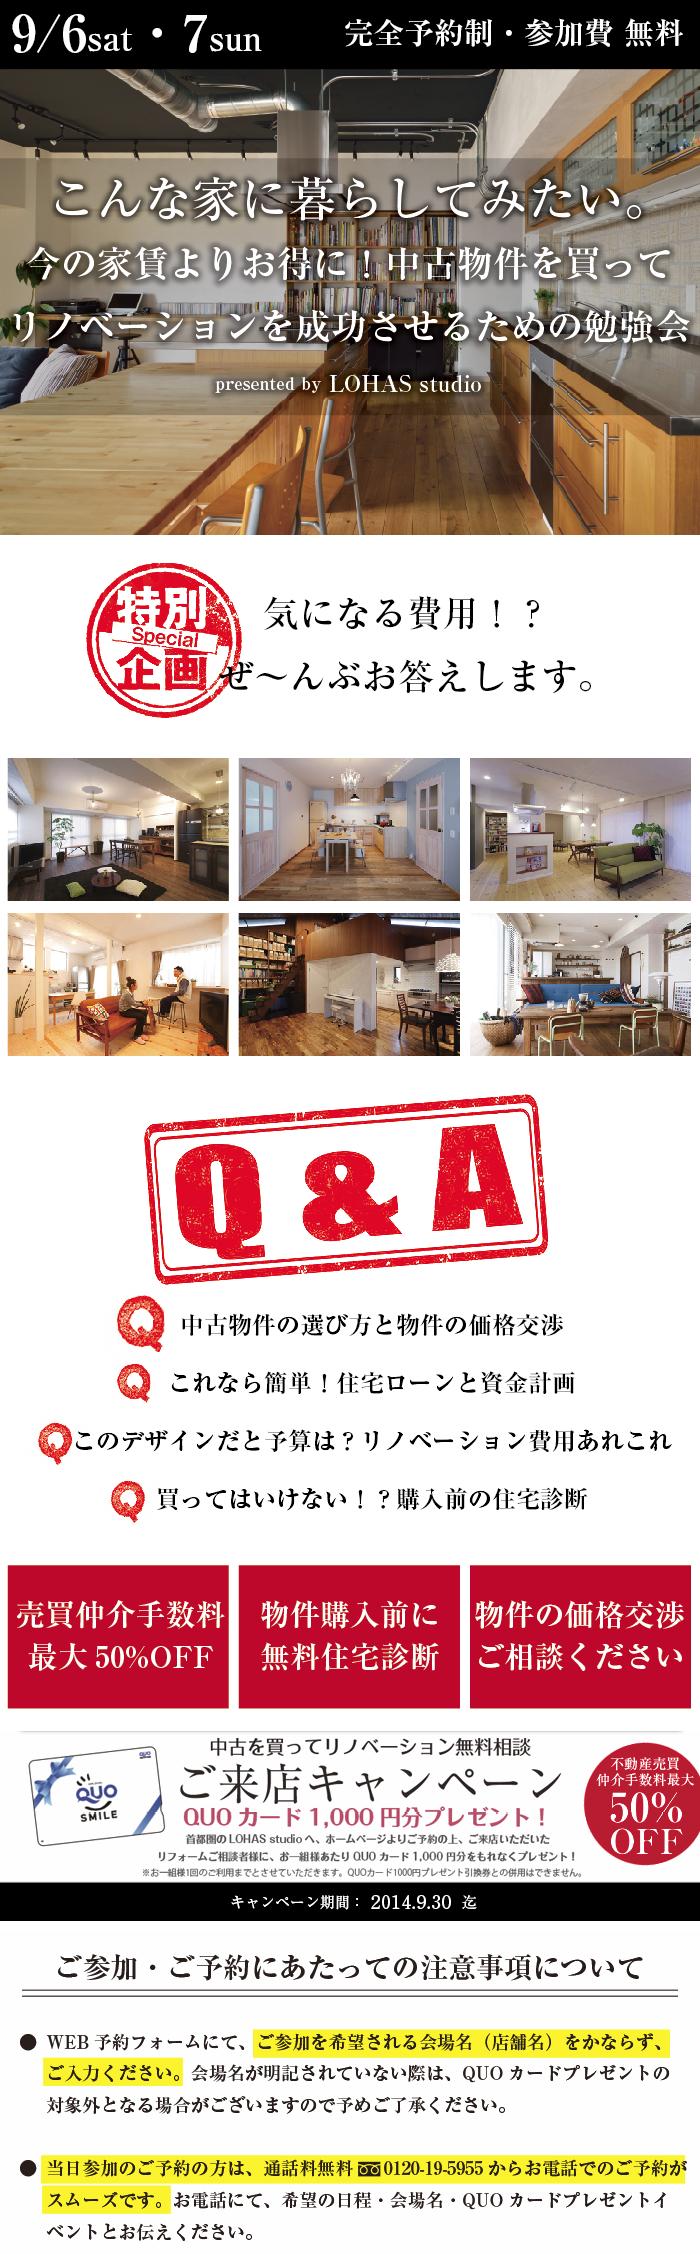 201409yoyaku_event06-07.png